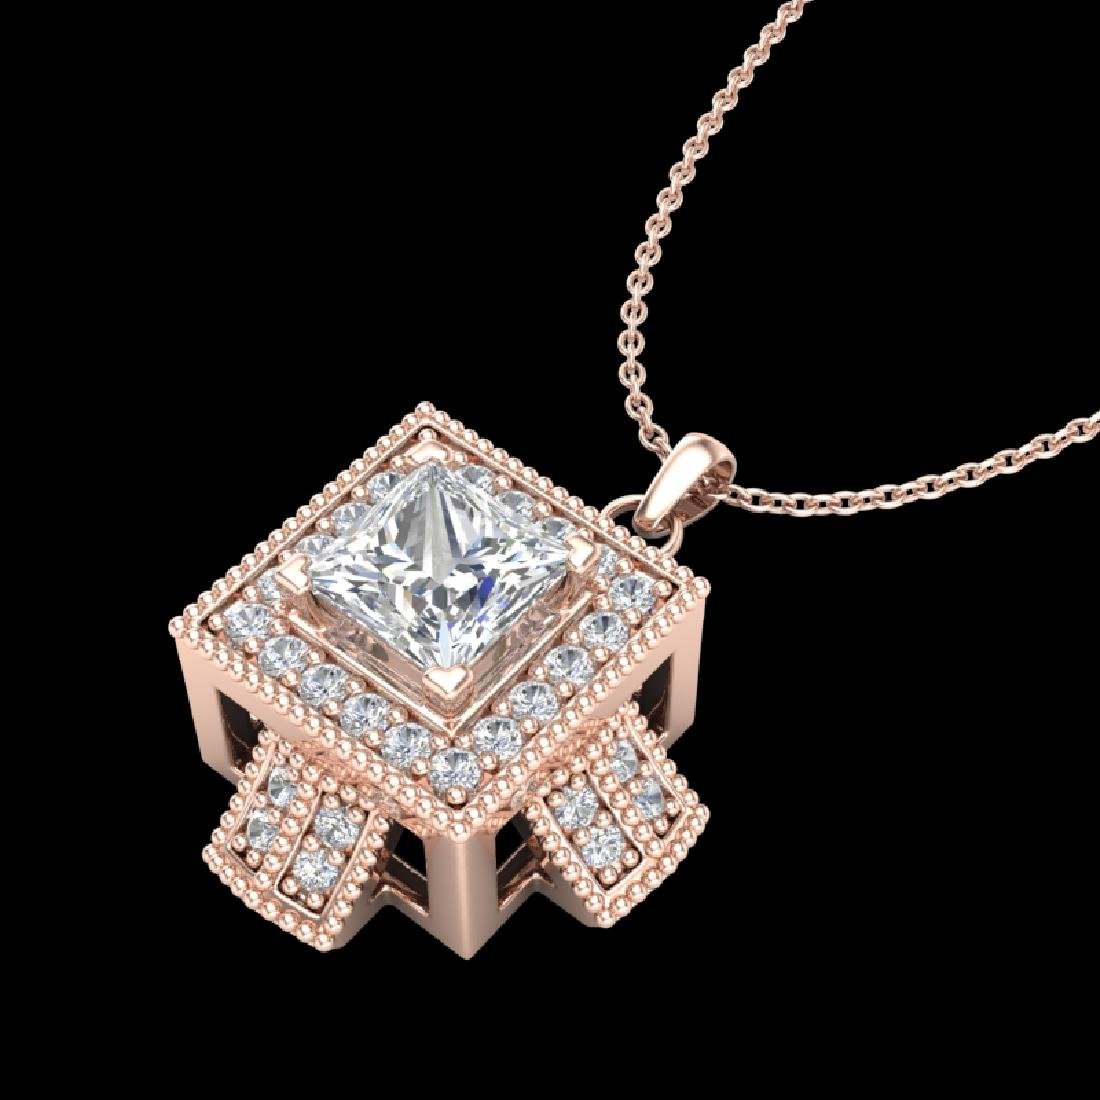 0.84 CTW Princess VS/SI Diamond Micro Pave Necklace 18K